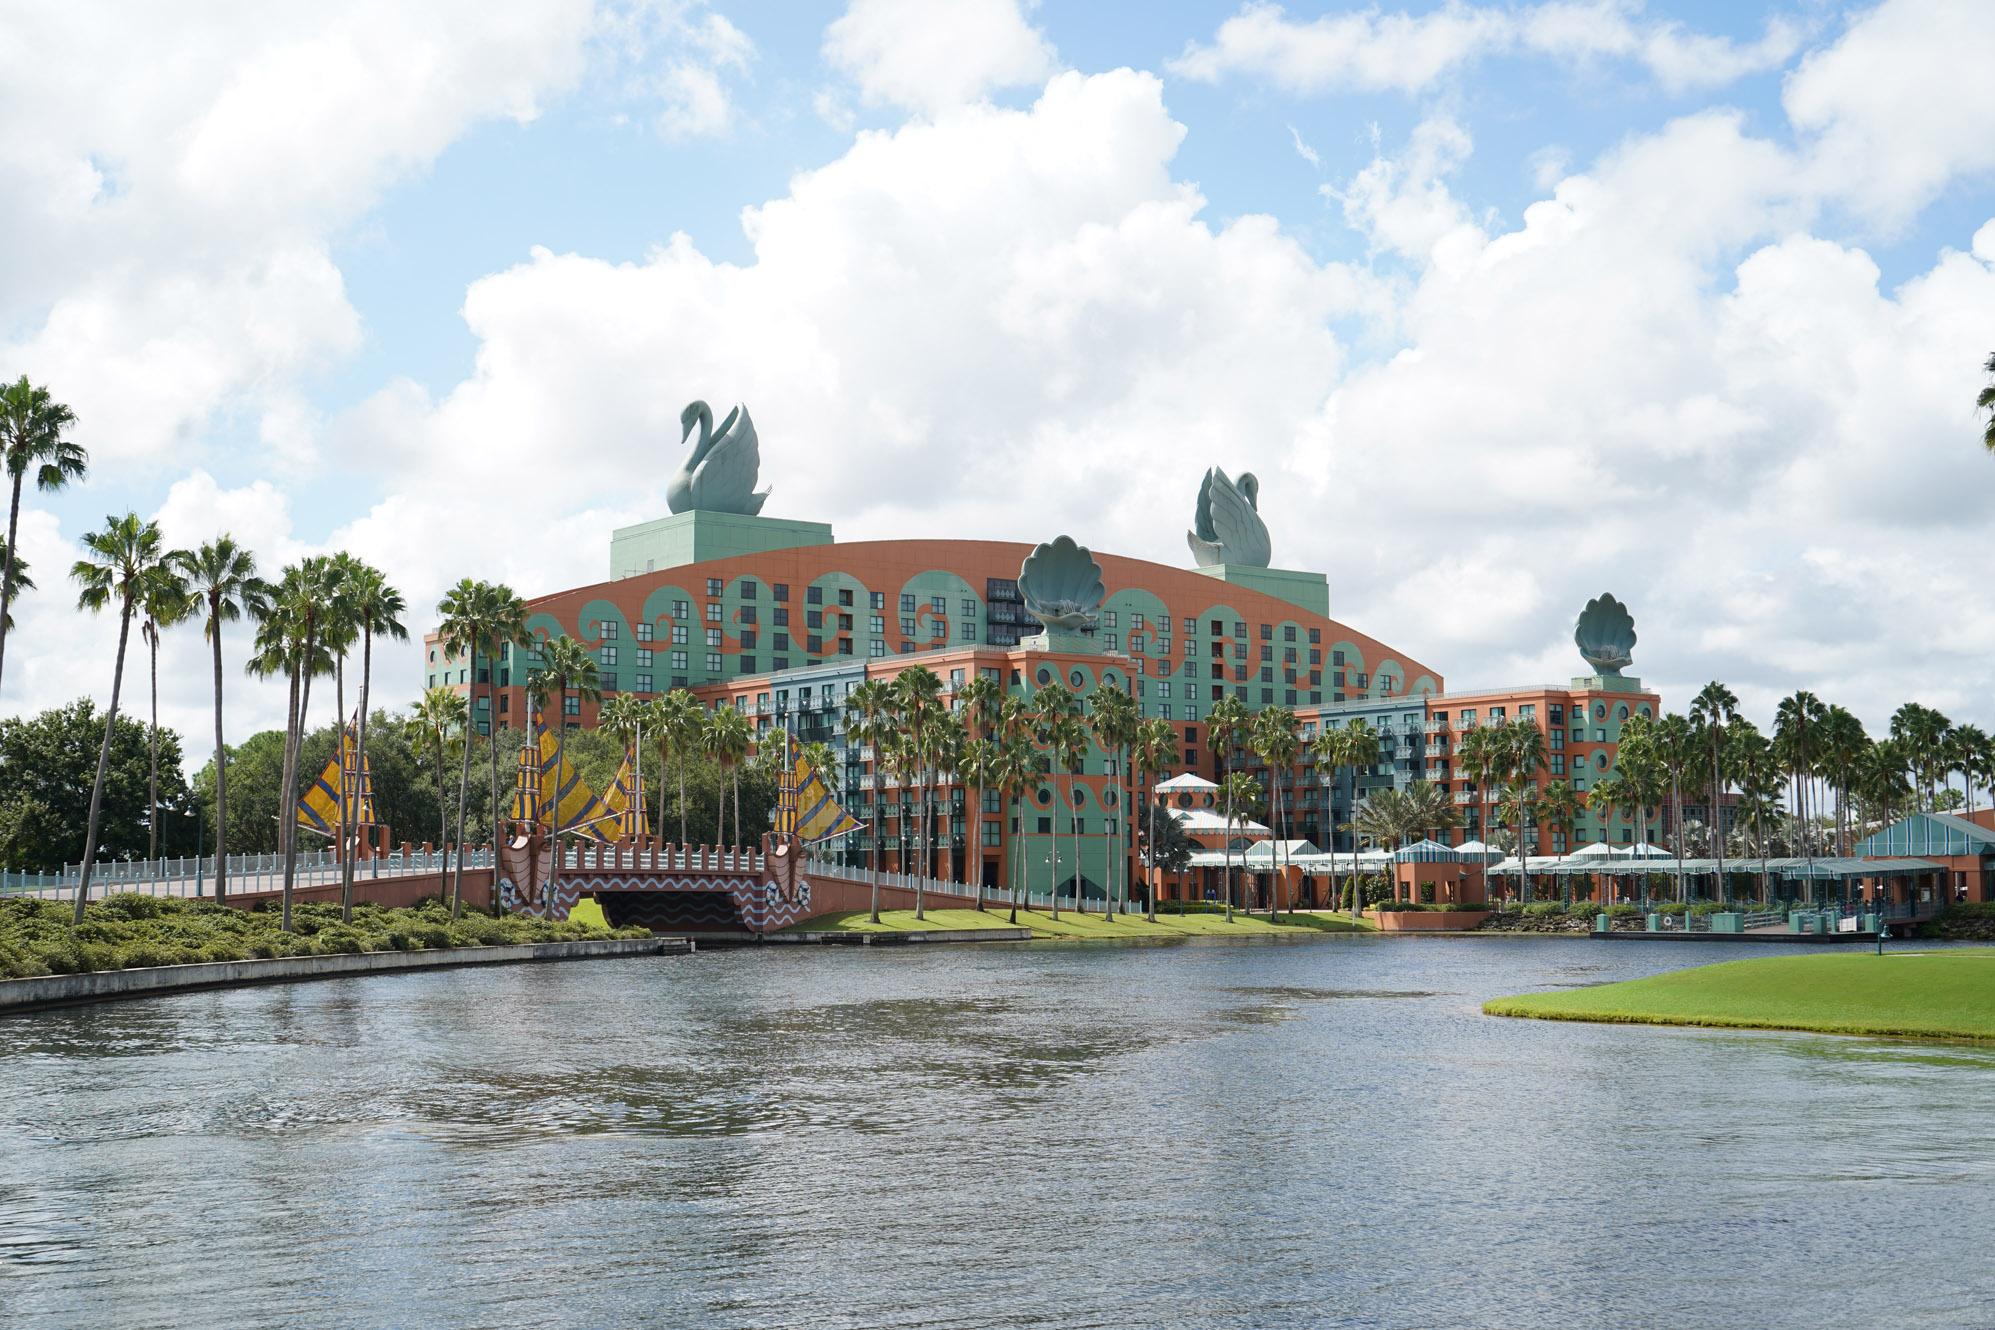 camp dolphin at Disney's Dolphin Hotel